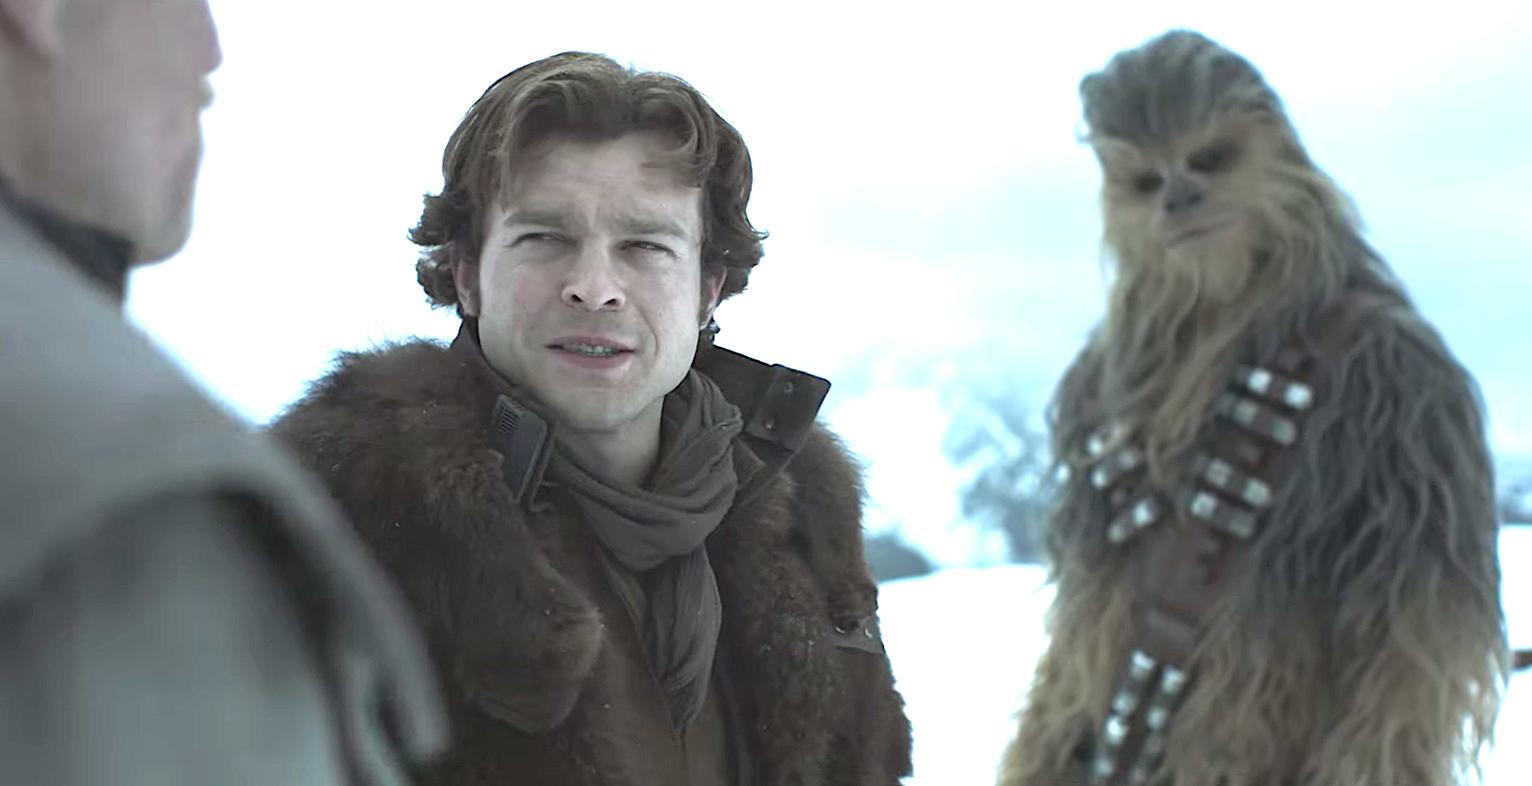 Solo - A Star Wars Story (2018), Alden Ehrenreich